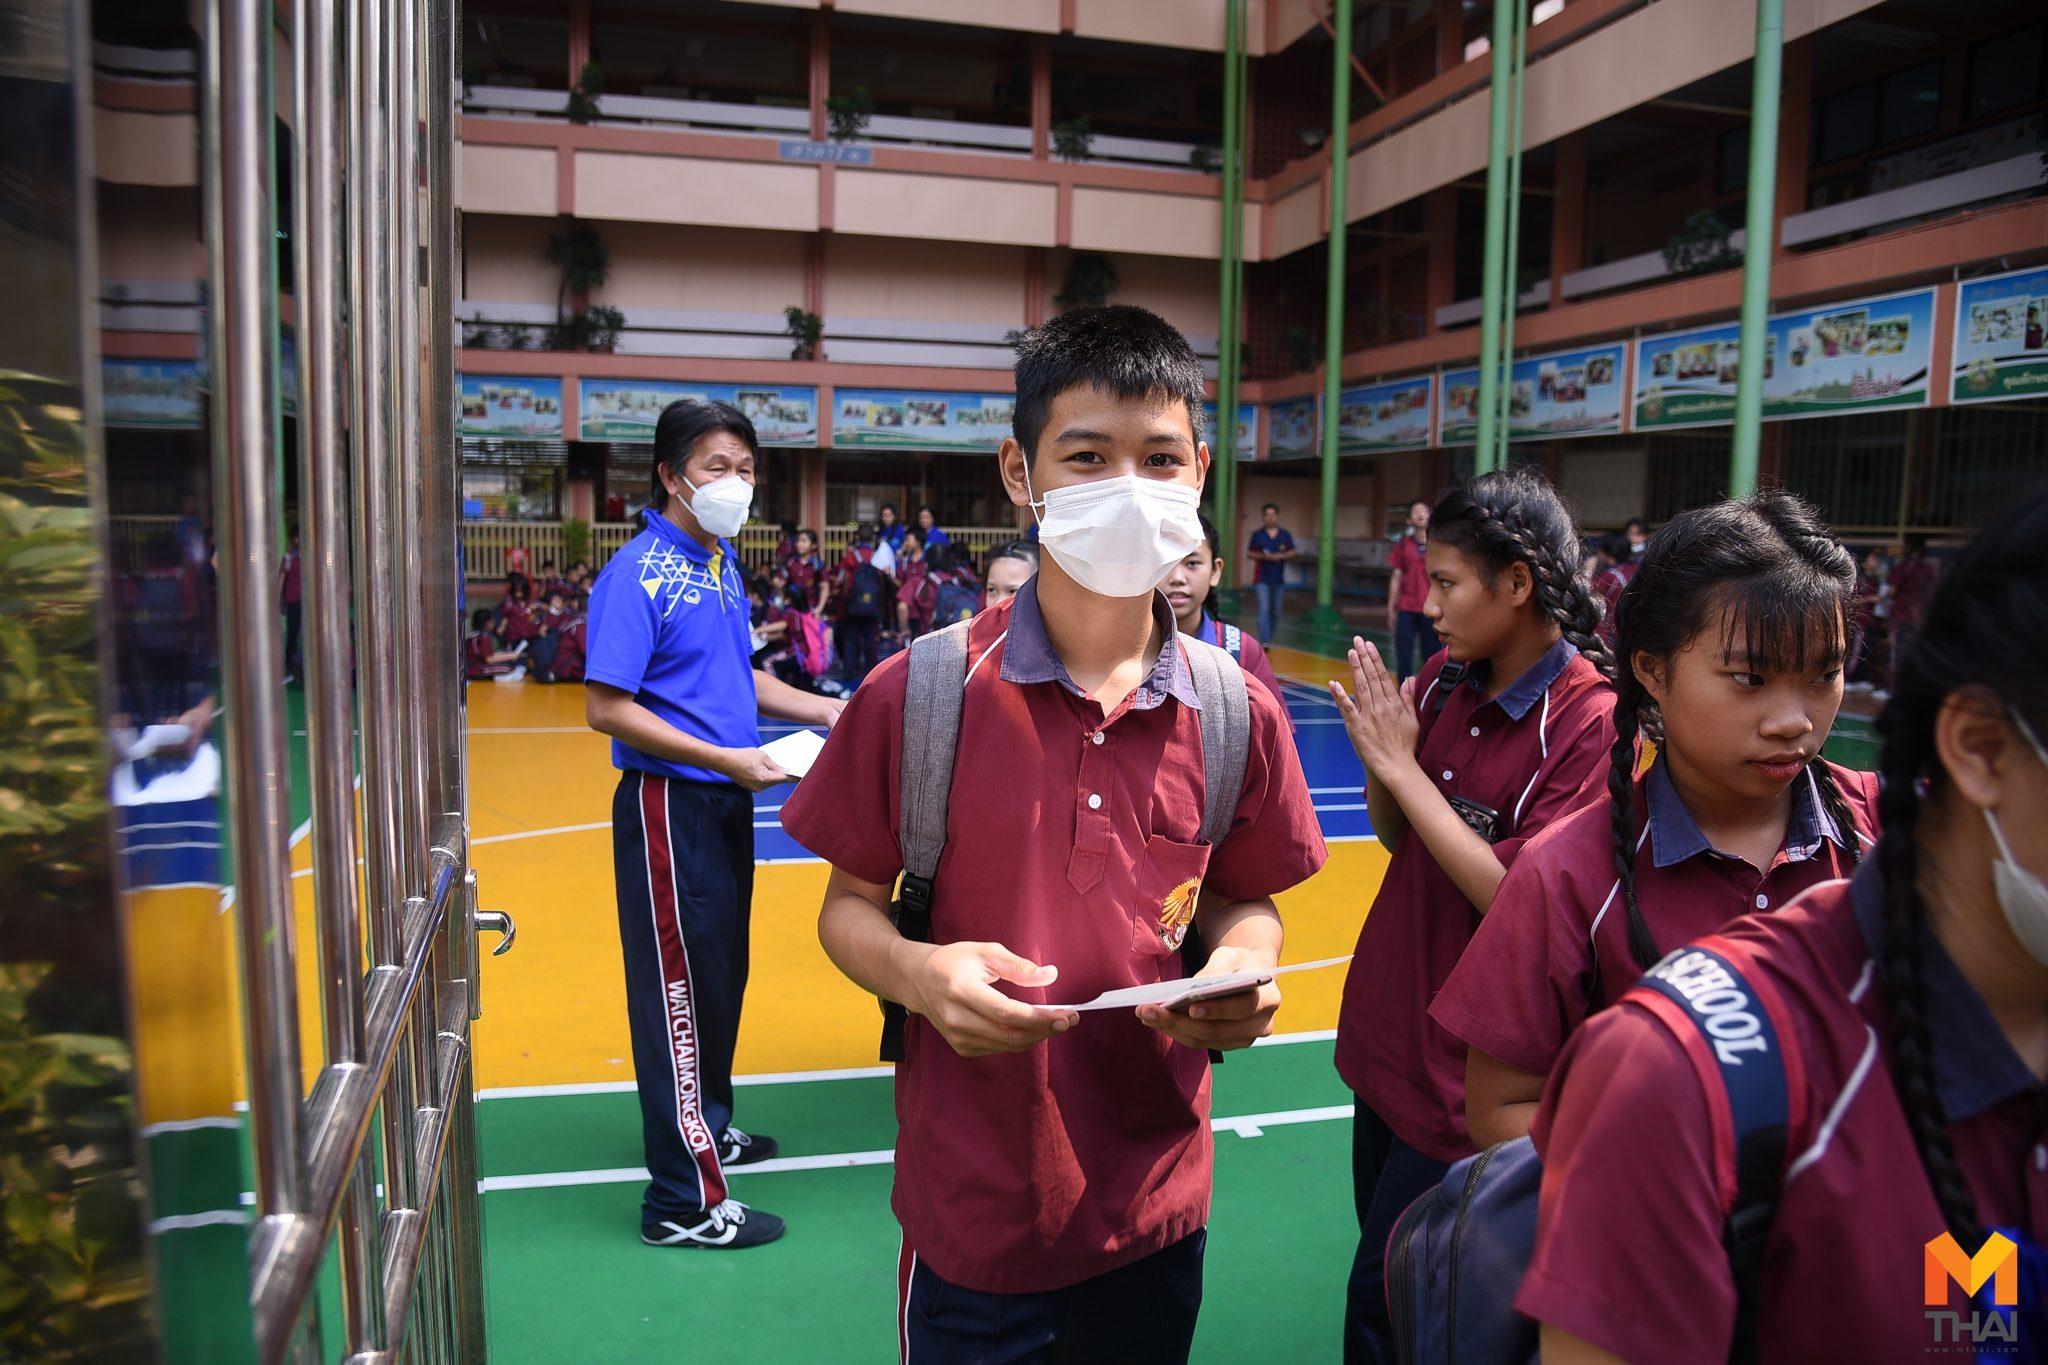 บรรยากาศโรงเรียนเมืองกรุง หลังผู้ว่าฯ สั่งปิดเรียนหนีฝุ่น